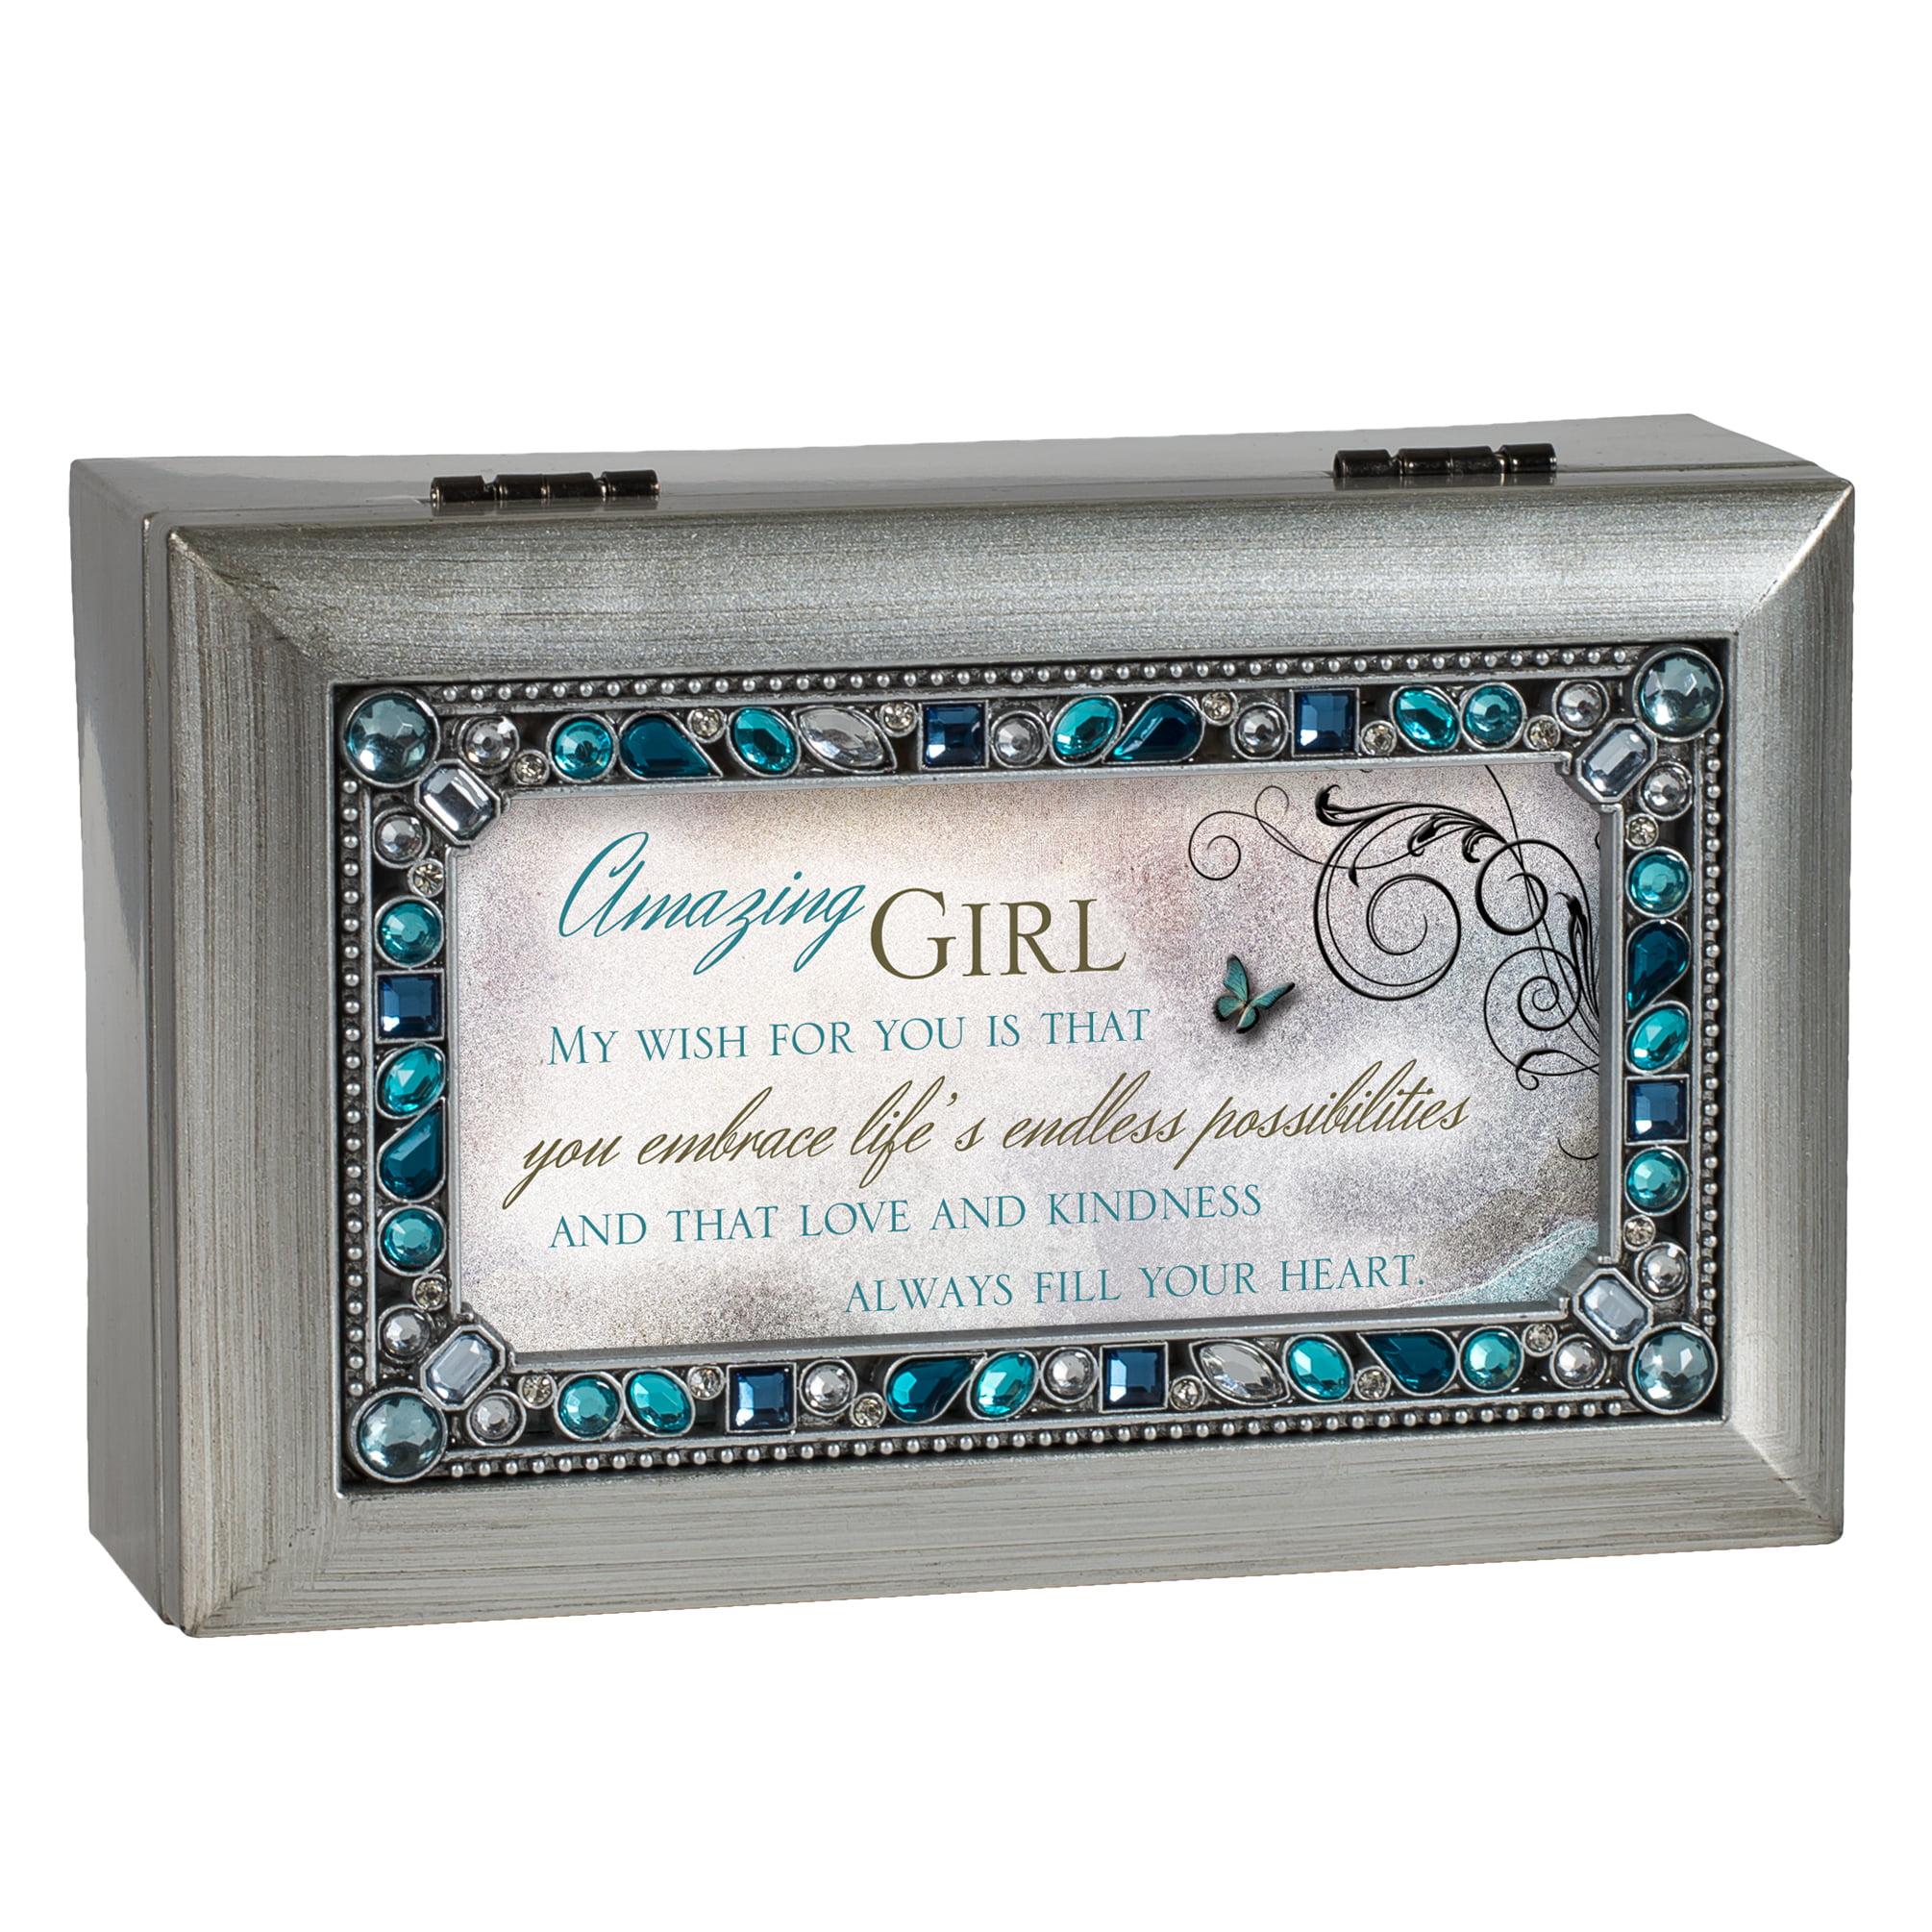 Amazing Girl Jeweled Silver Finish Jewelry Music Box Plays Tune You Light U... by